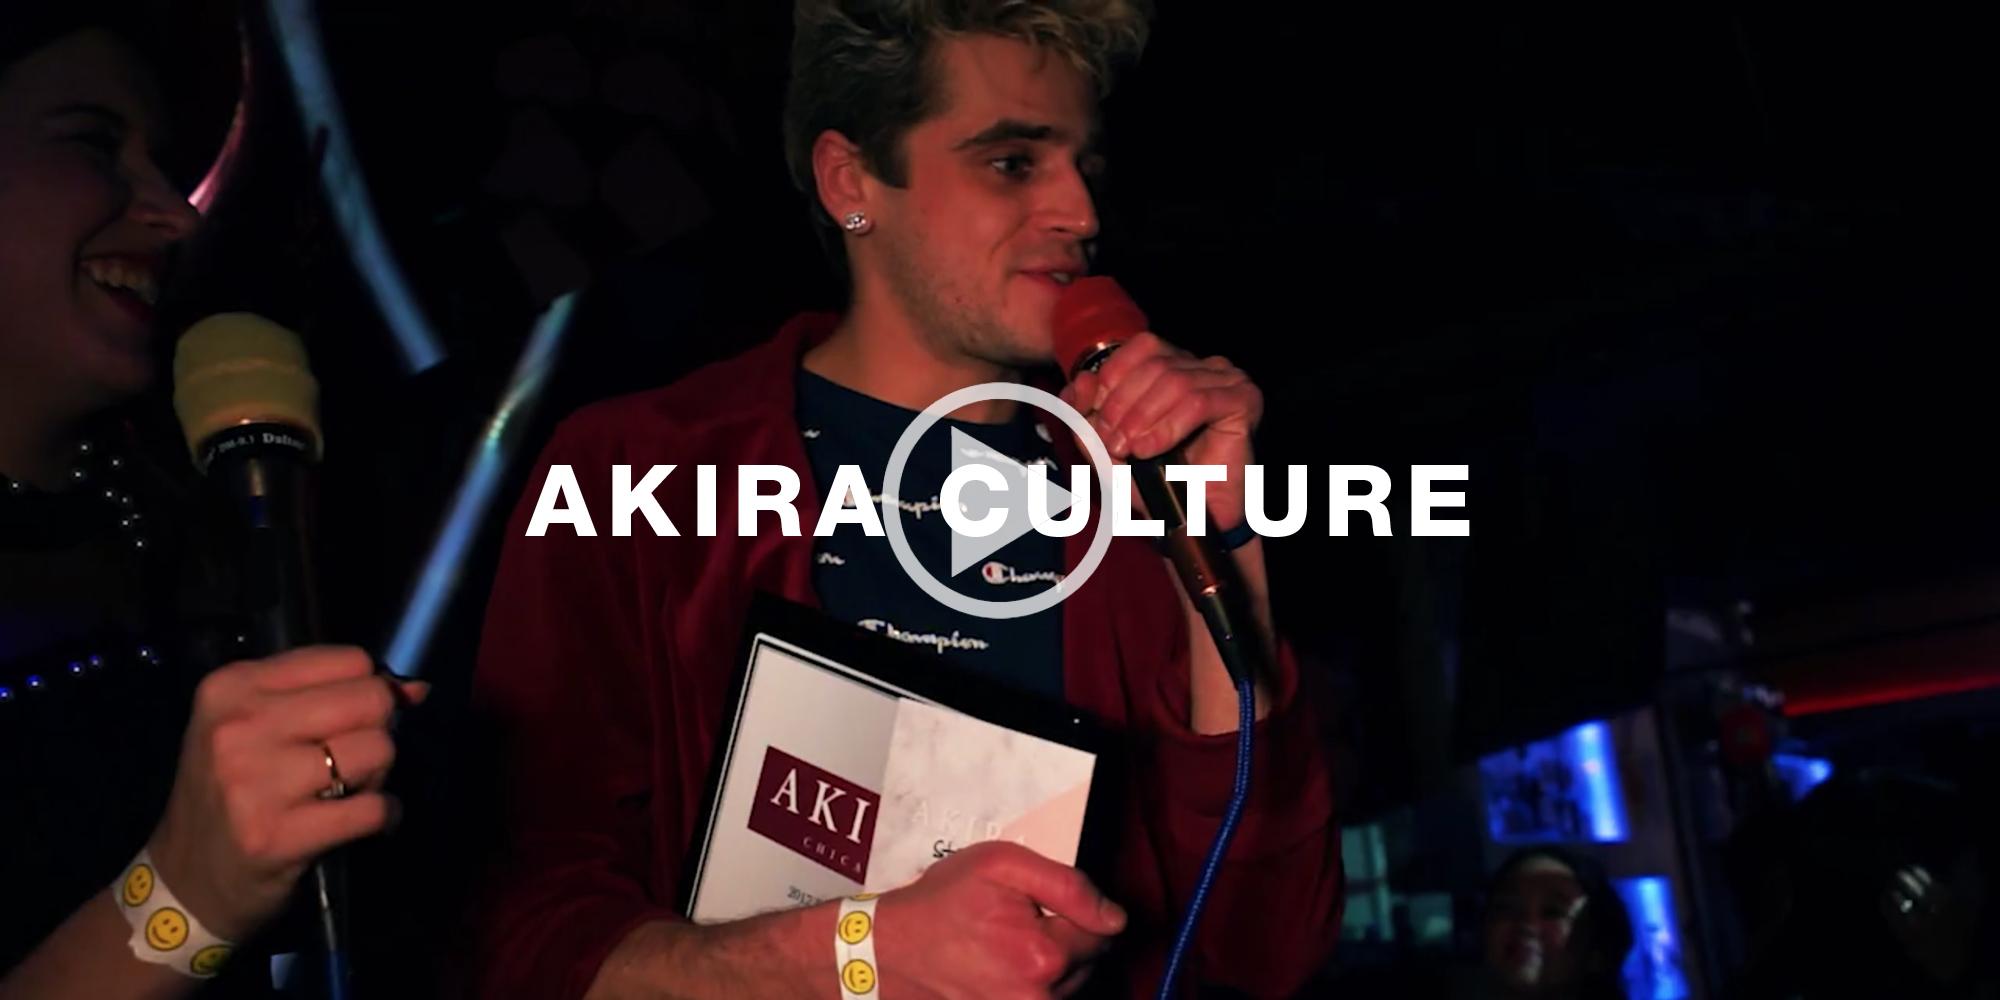 AKIRA Culture